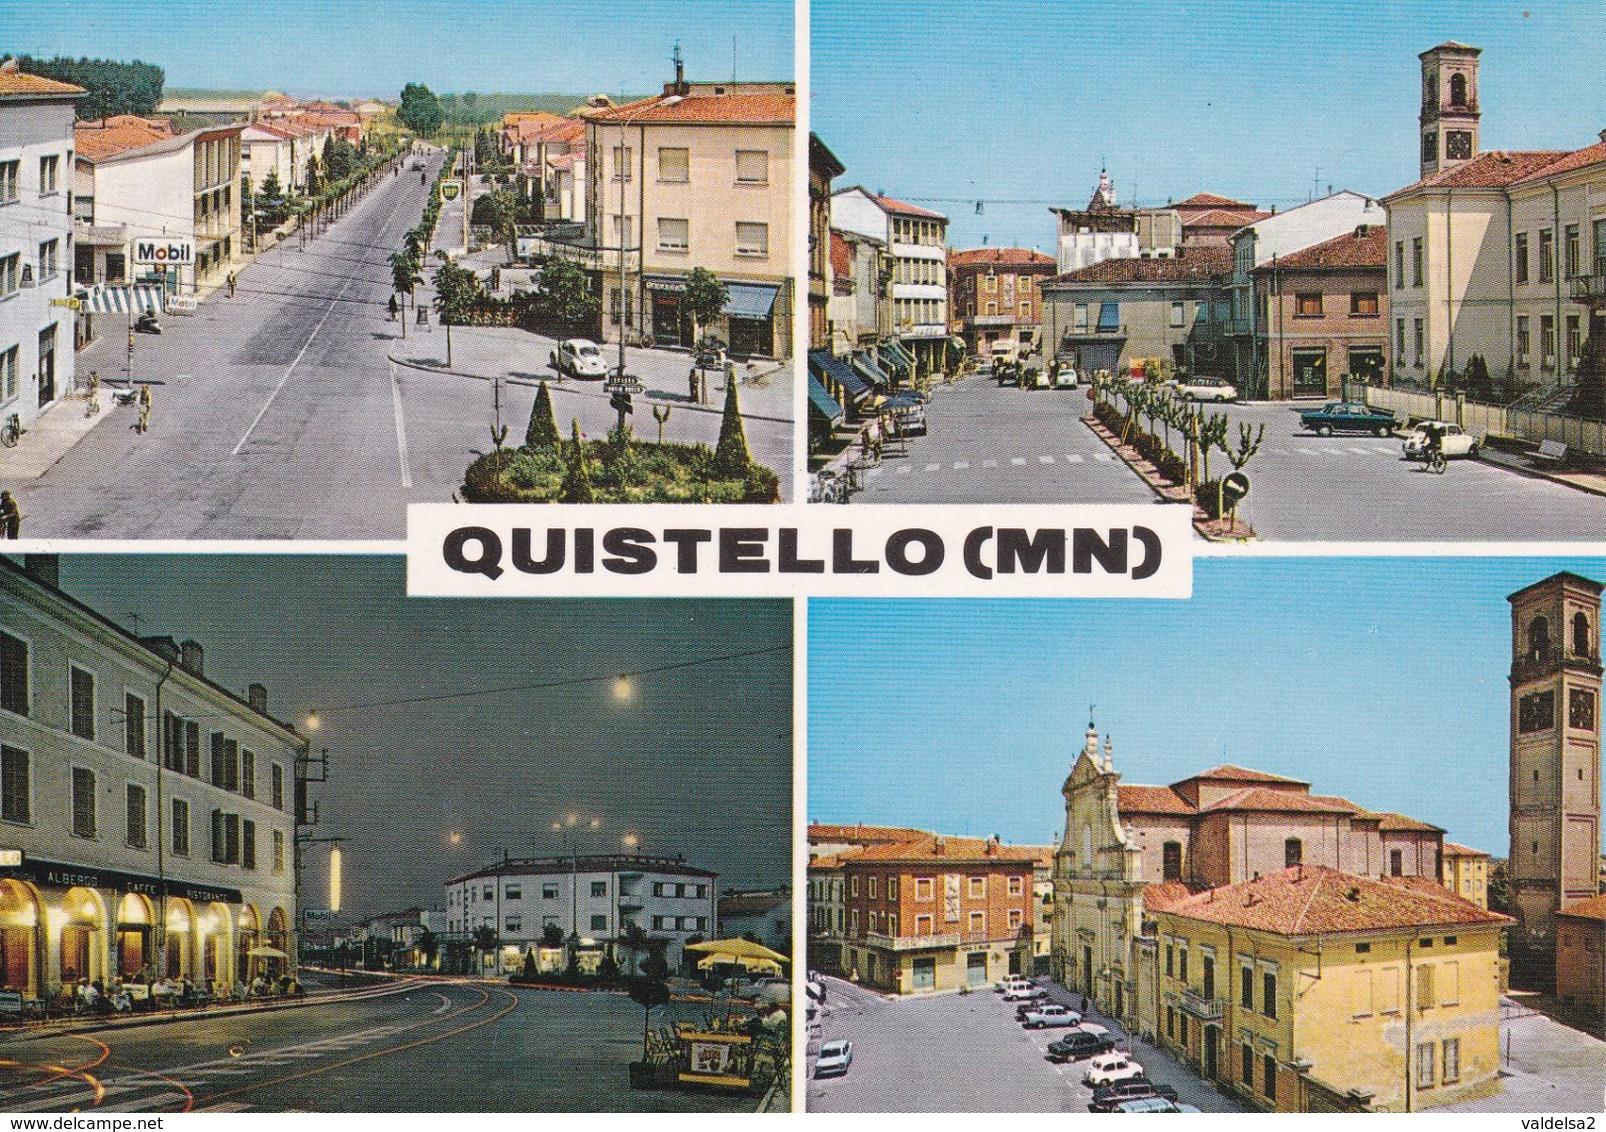 QUISTELLO - MANTOVA - 4 VEDUTE - DISTRIBUTORE BENZINA MOBIL - CHIESA - PIAZZA - ALBERGO - BAR - Mantova